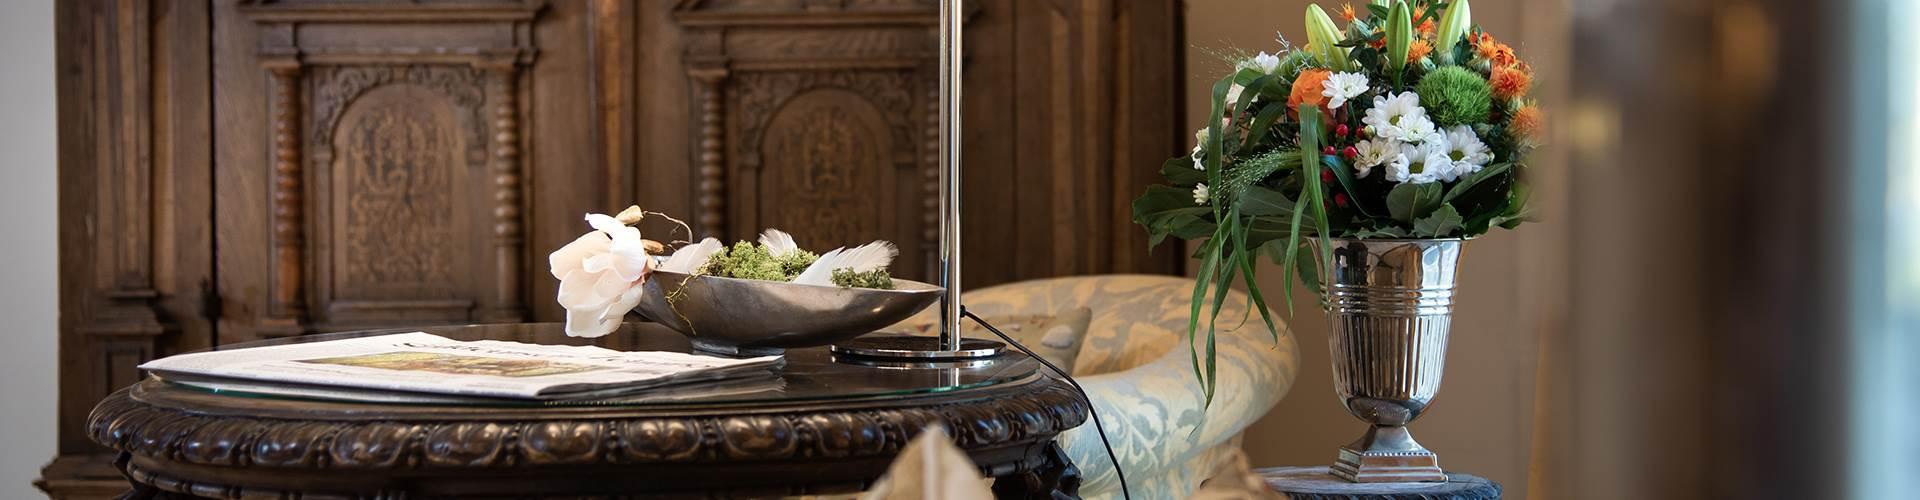 Elegante und traditionelle Hoteleinrichtung